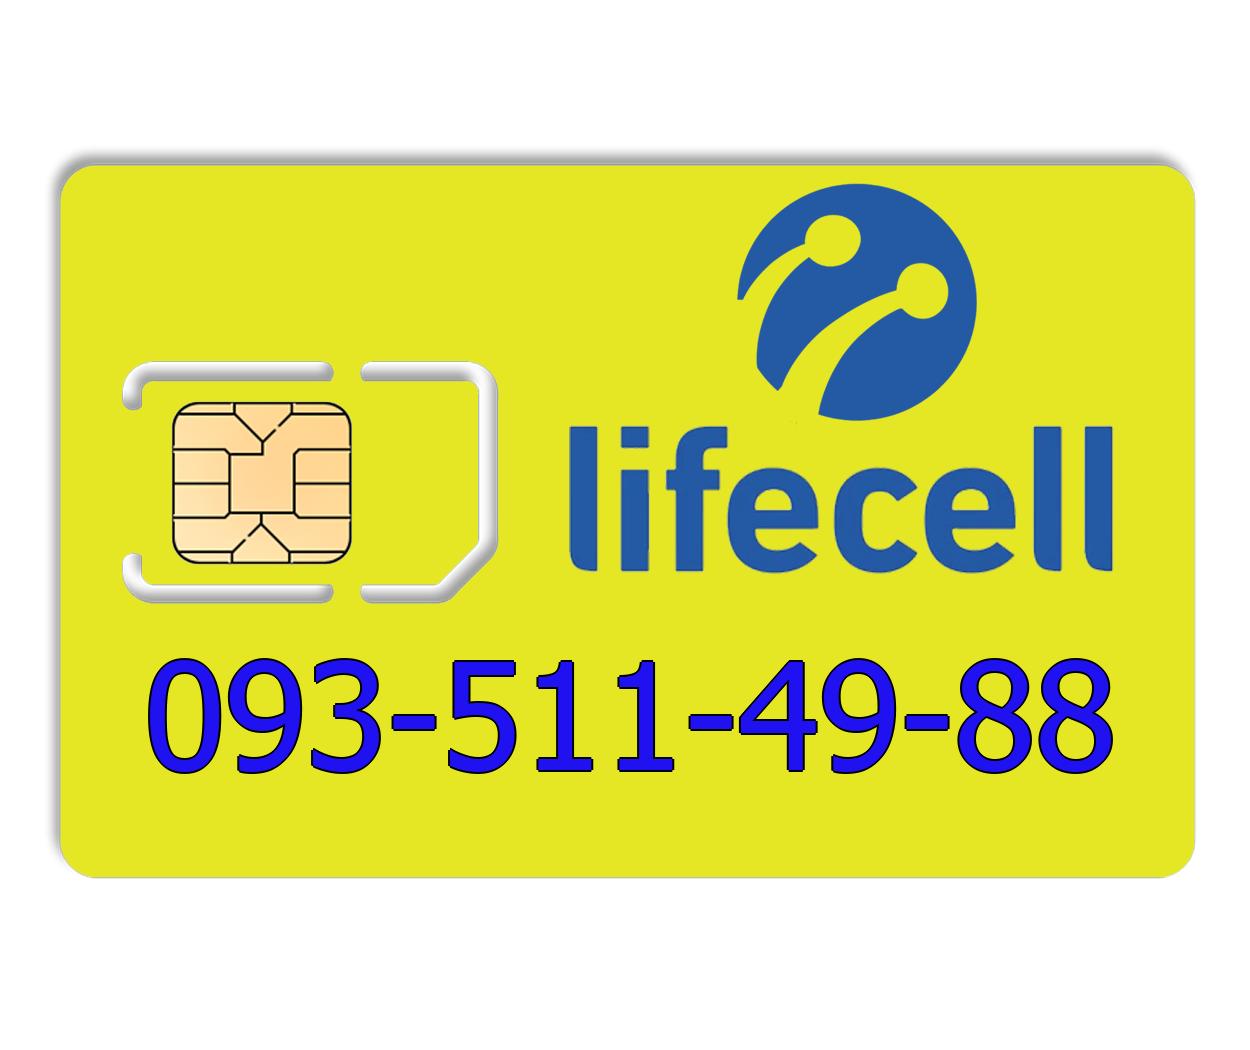 Красивый номер lifecell 093-511-49-88